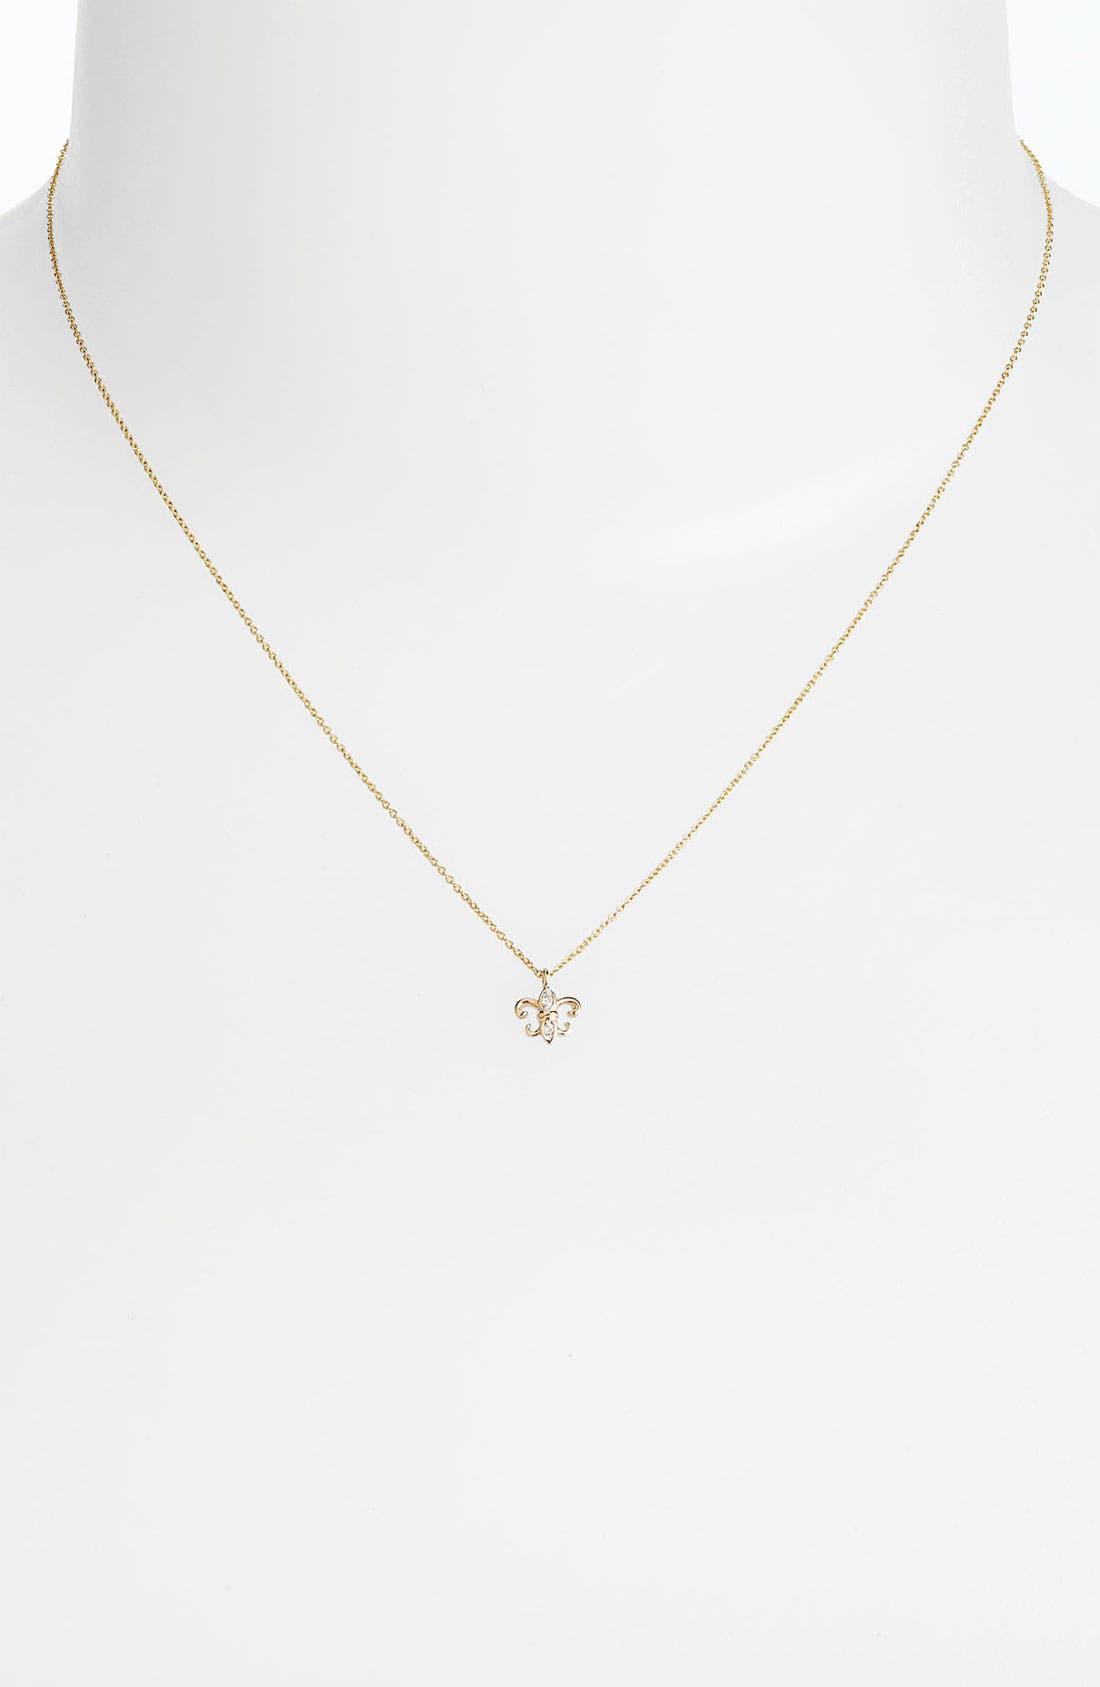 Main Image - Whitney Stern Fleur de Lis Pendant Necklace